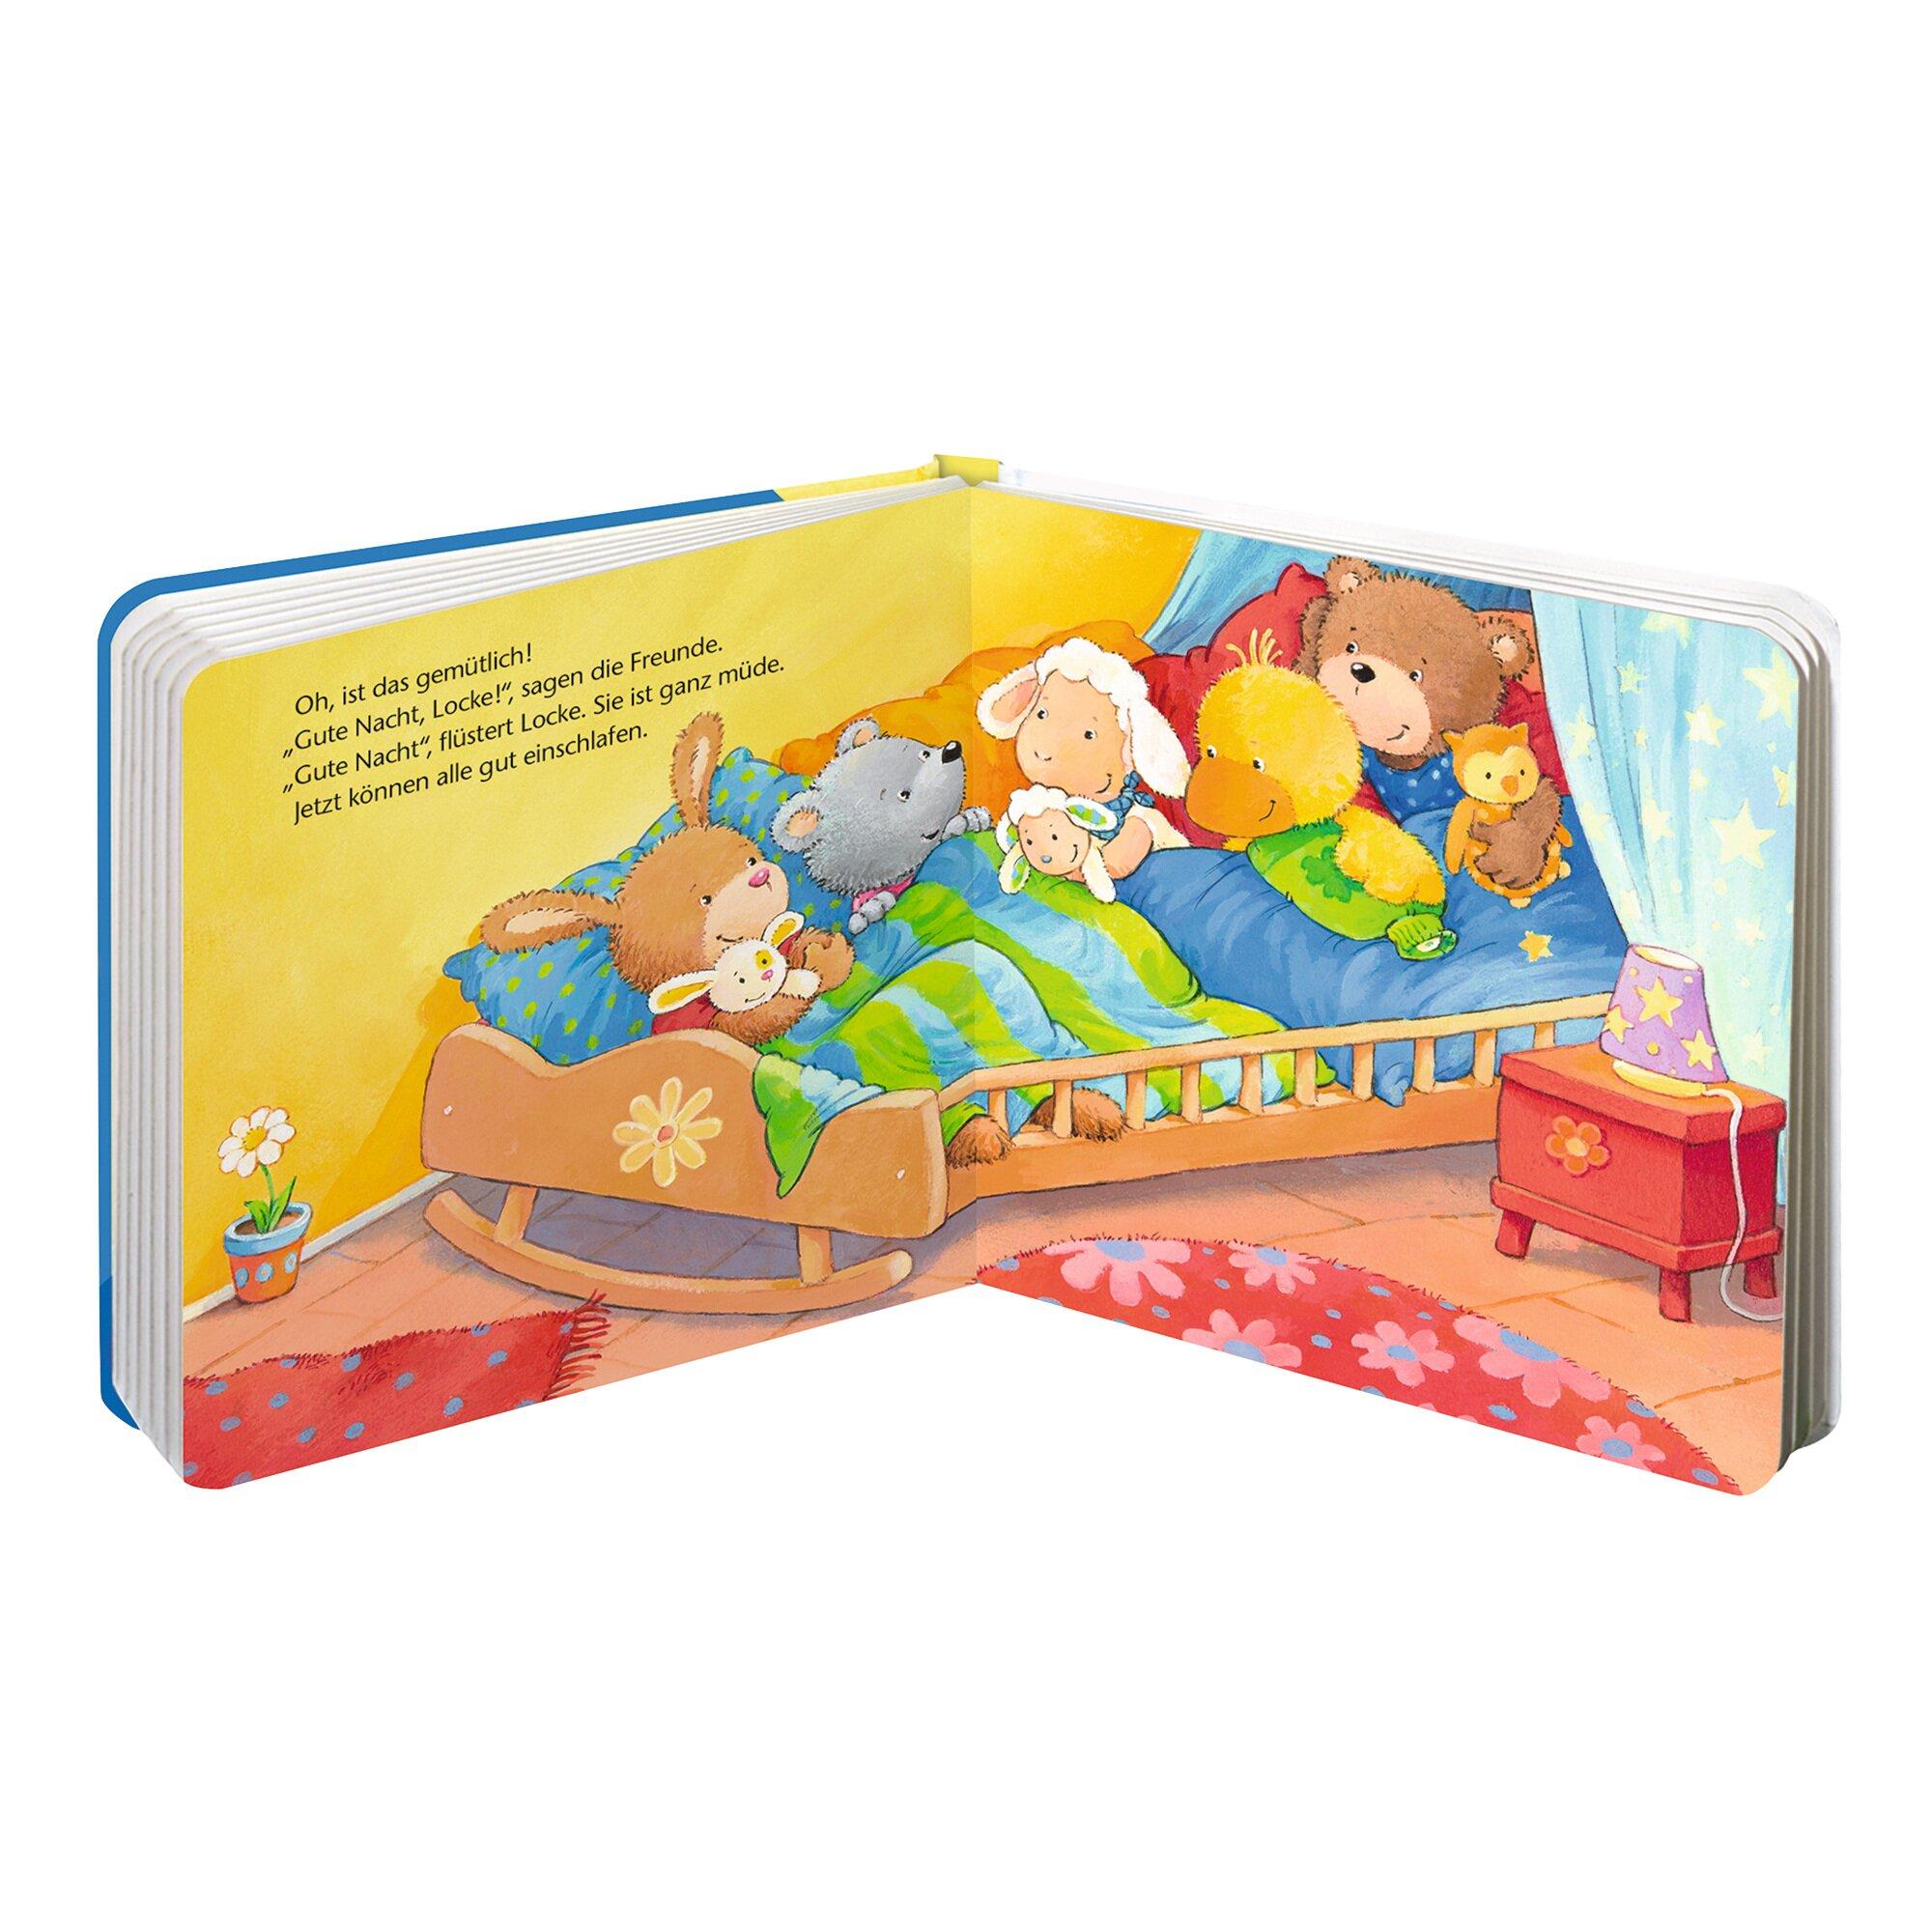 ministeps-pappbilderbuch-gute-nacht-locke-